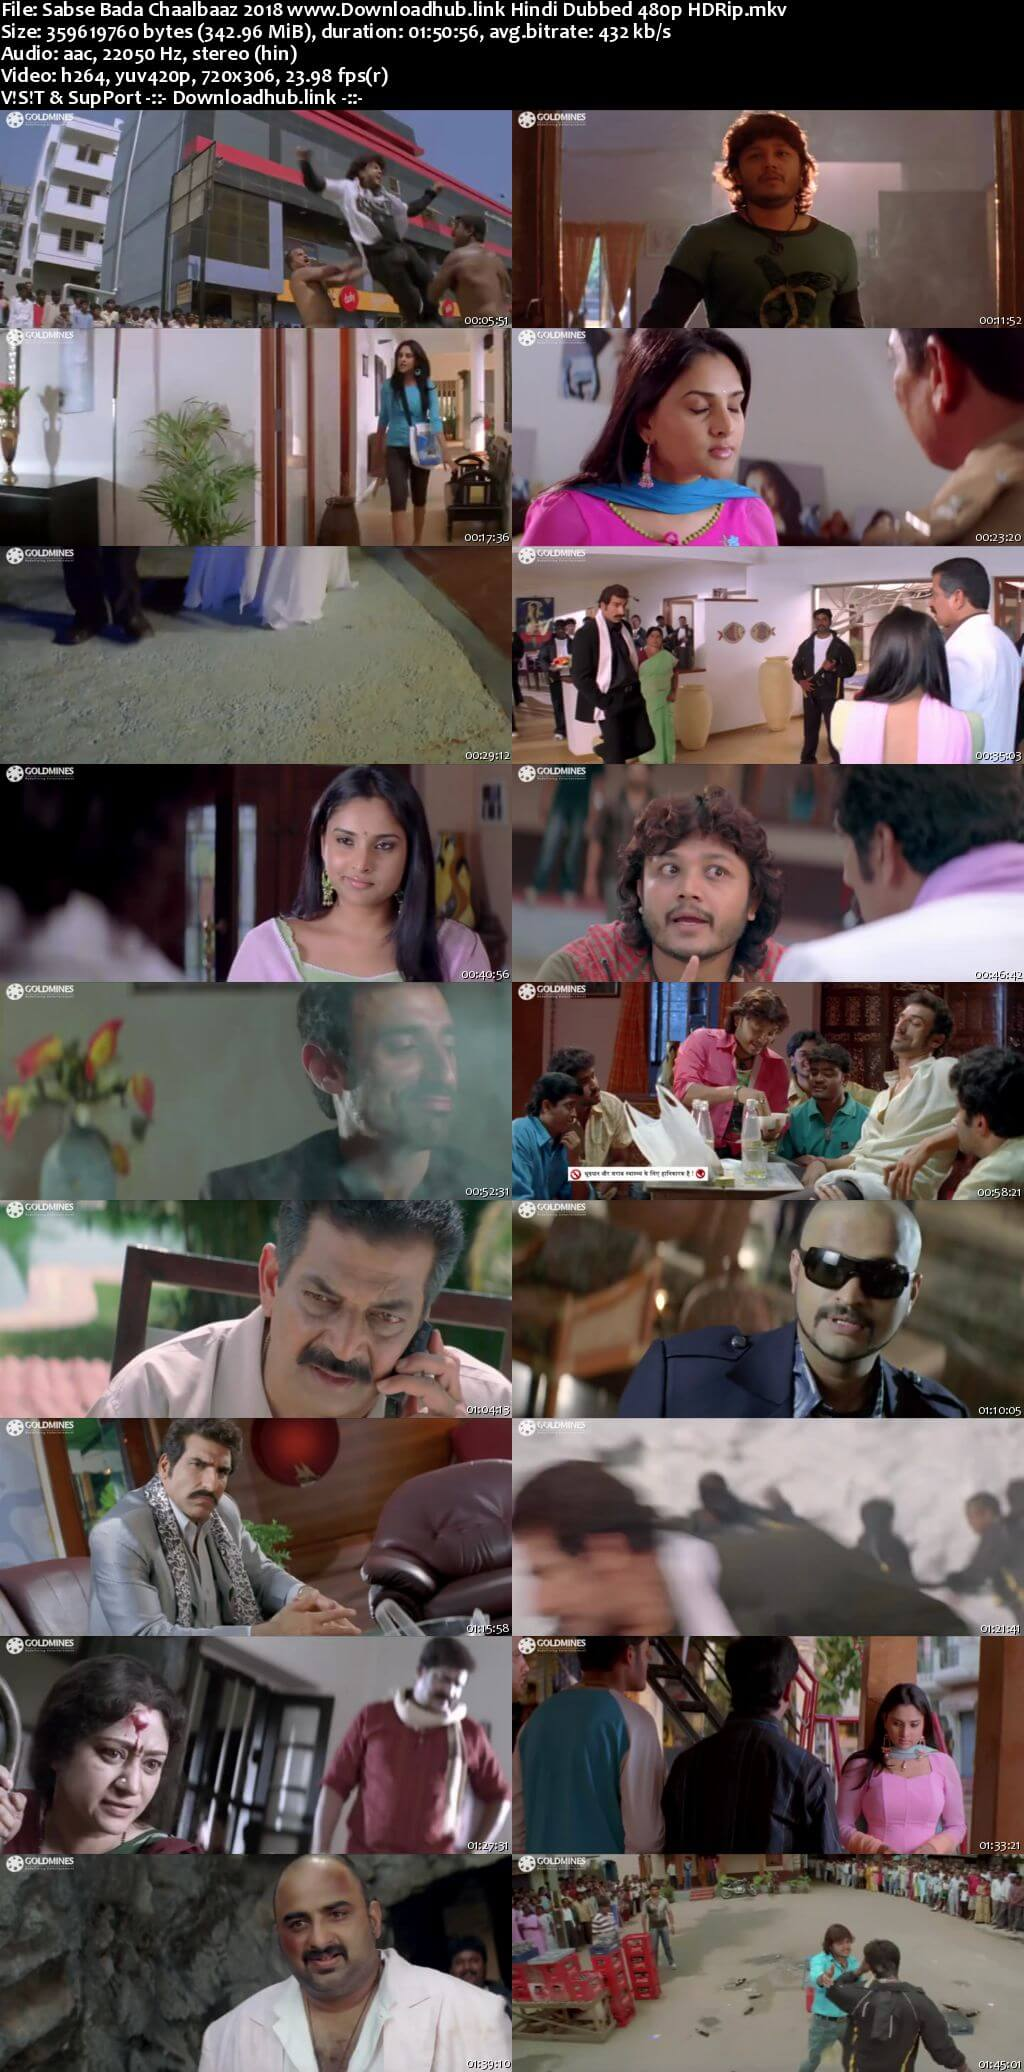 Sabse Bada Chaalbaaz 2018 Hindi Dubbed 300MB HDRip 480p